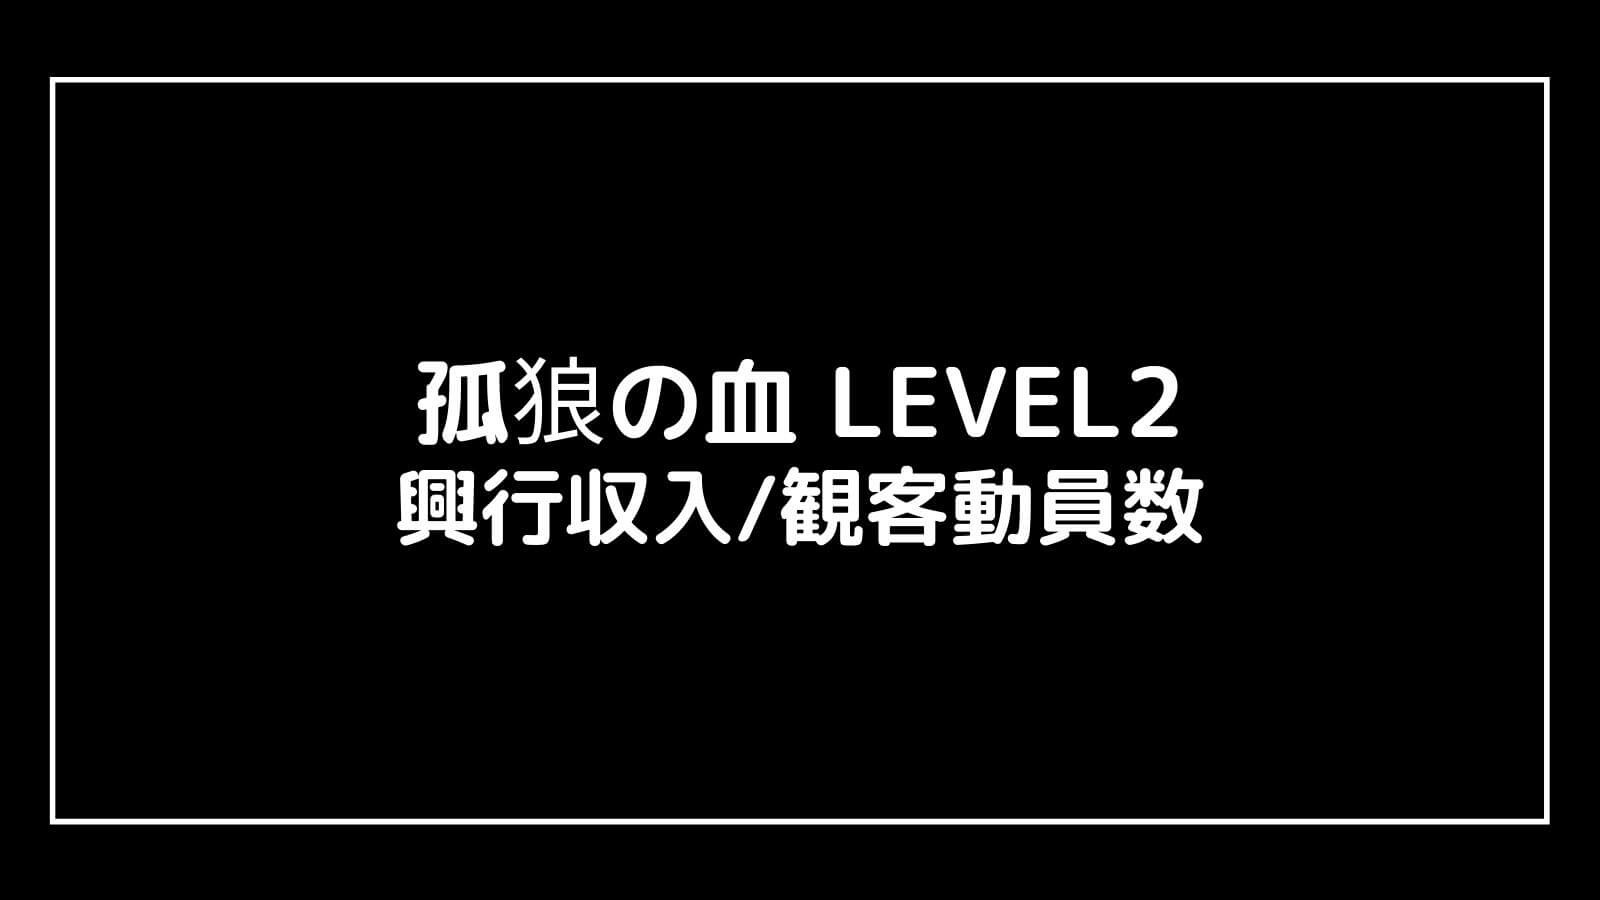 映画『孤狼の血 LEVEL2』興行収入推移と最終興収を元映画館社員が予想